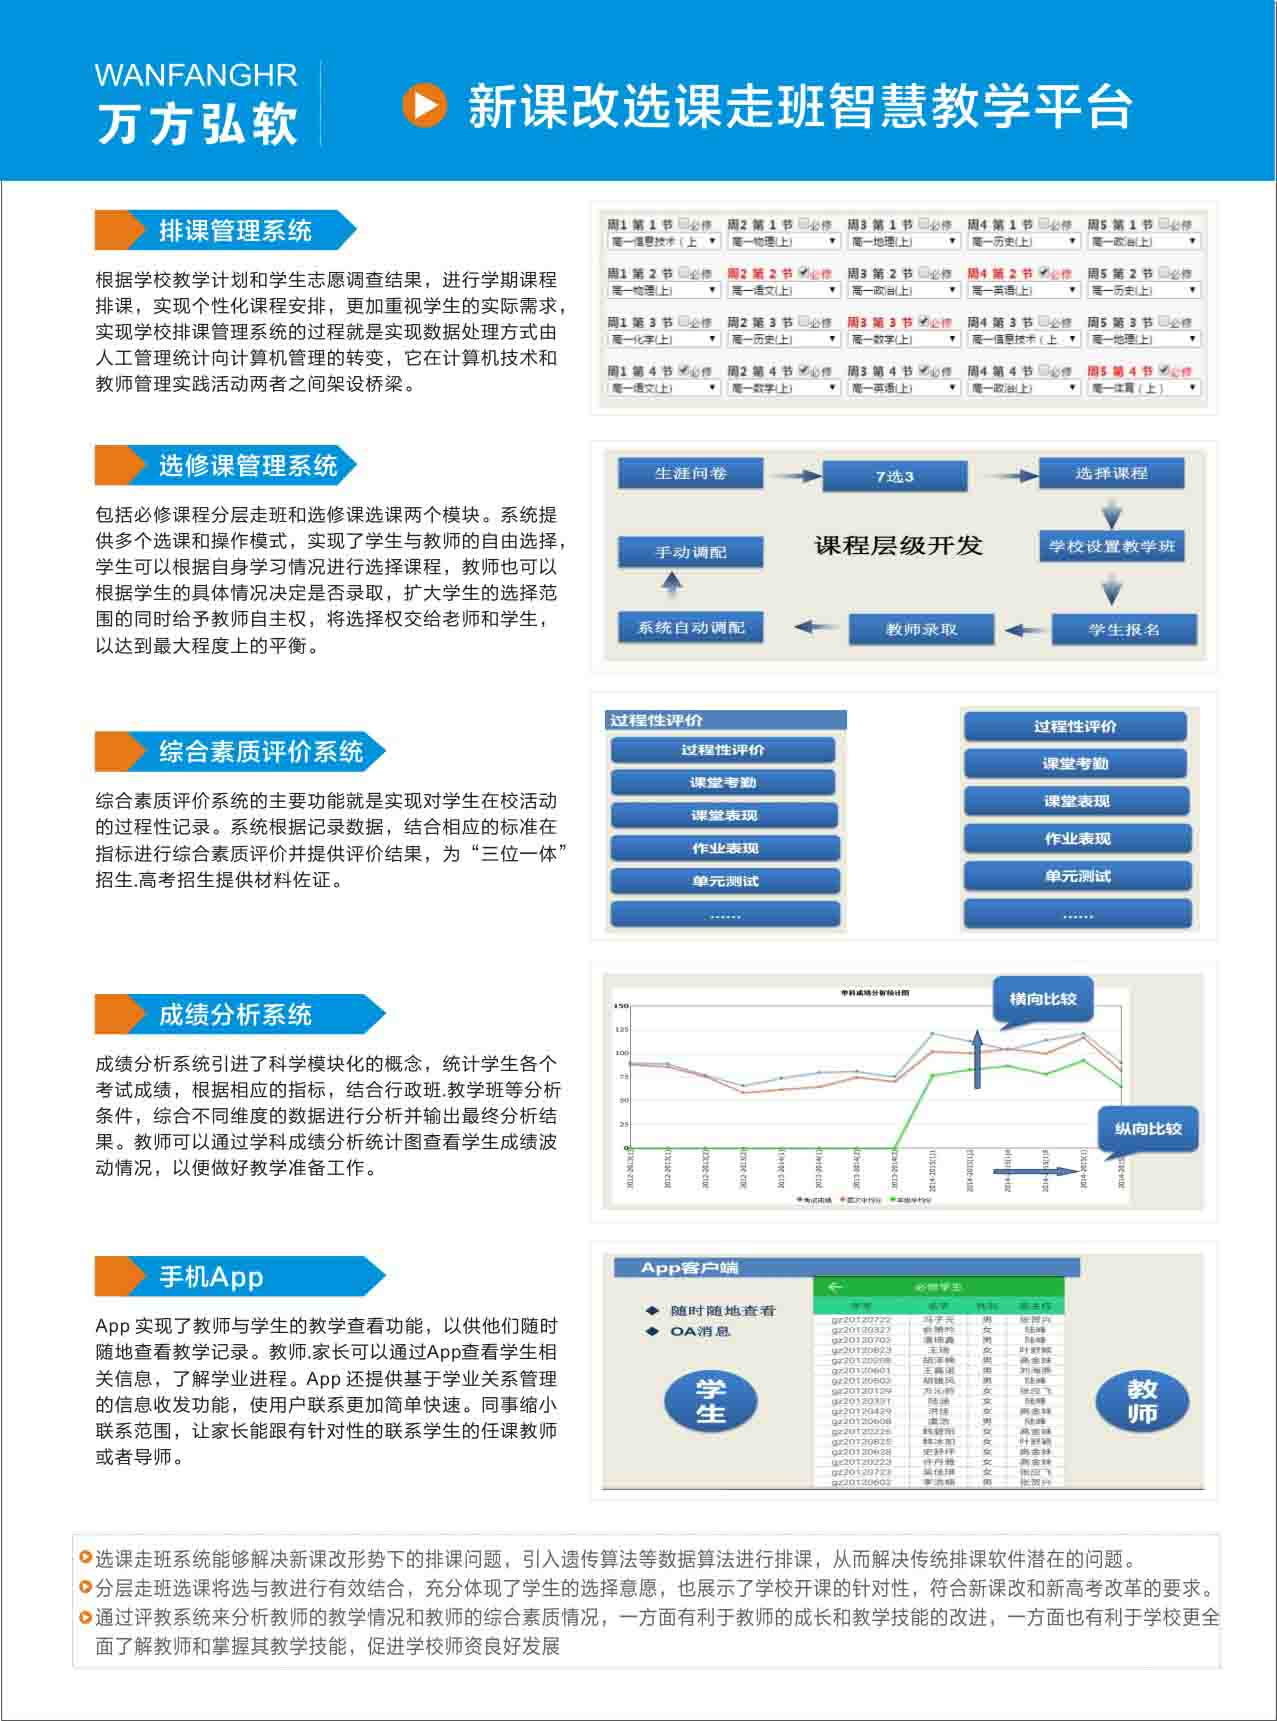 杭州选课走班系统|值得信赖的选课走班推荐